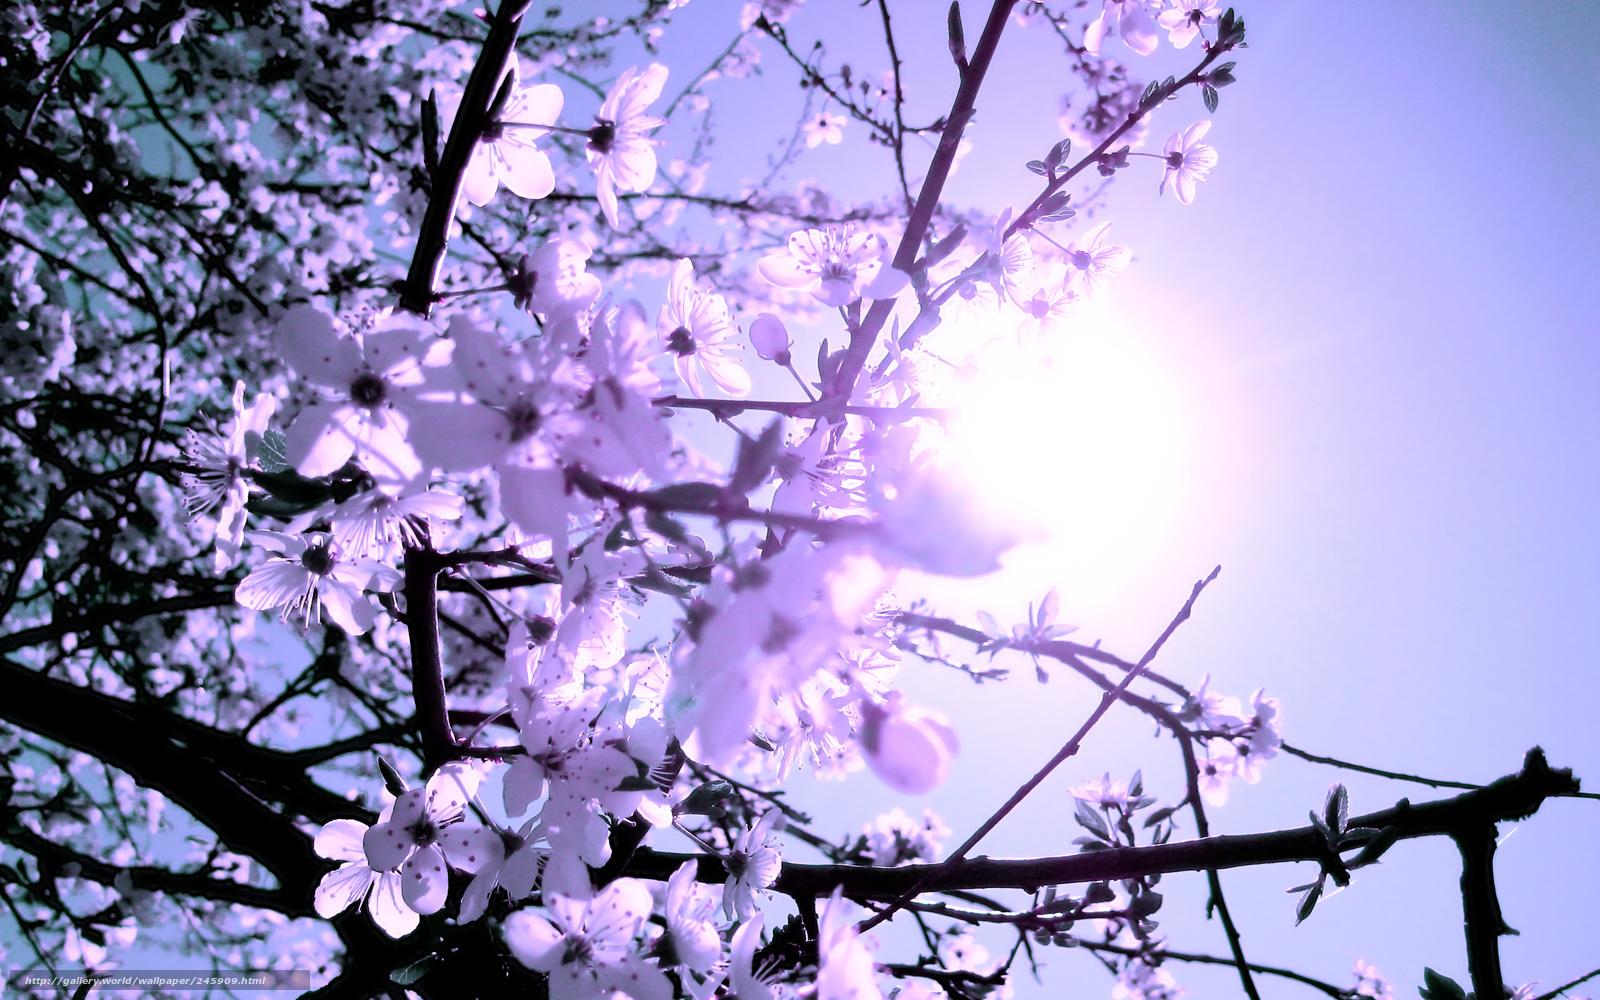 tlcharger fond d 39 ecran printemps branche fleurs soleil fonds d 39 ecran gratuits pour votre. Black Bedroom Furniture Sets. Home Design Ideas